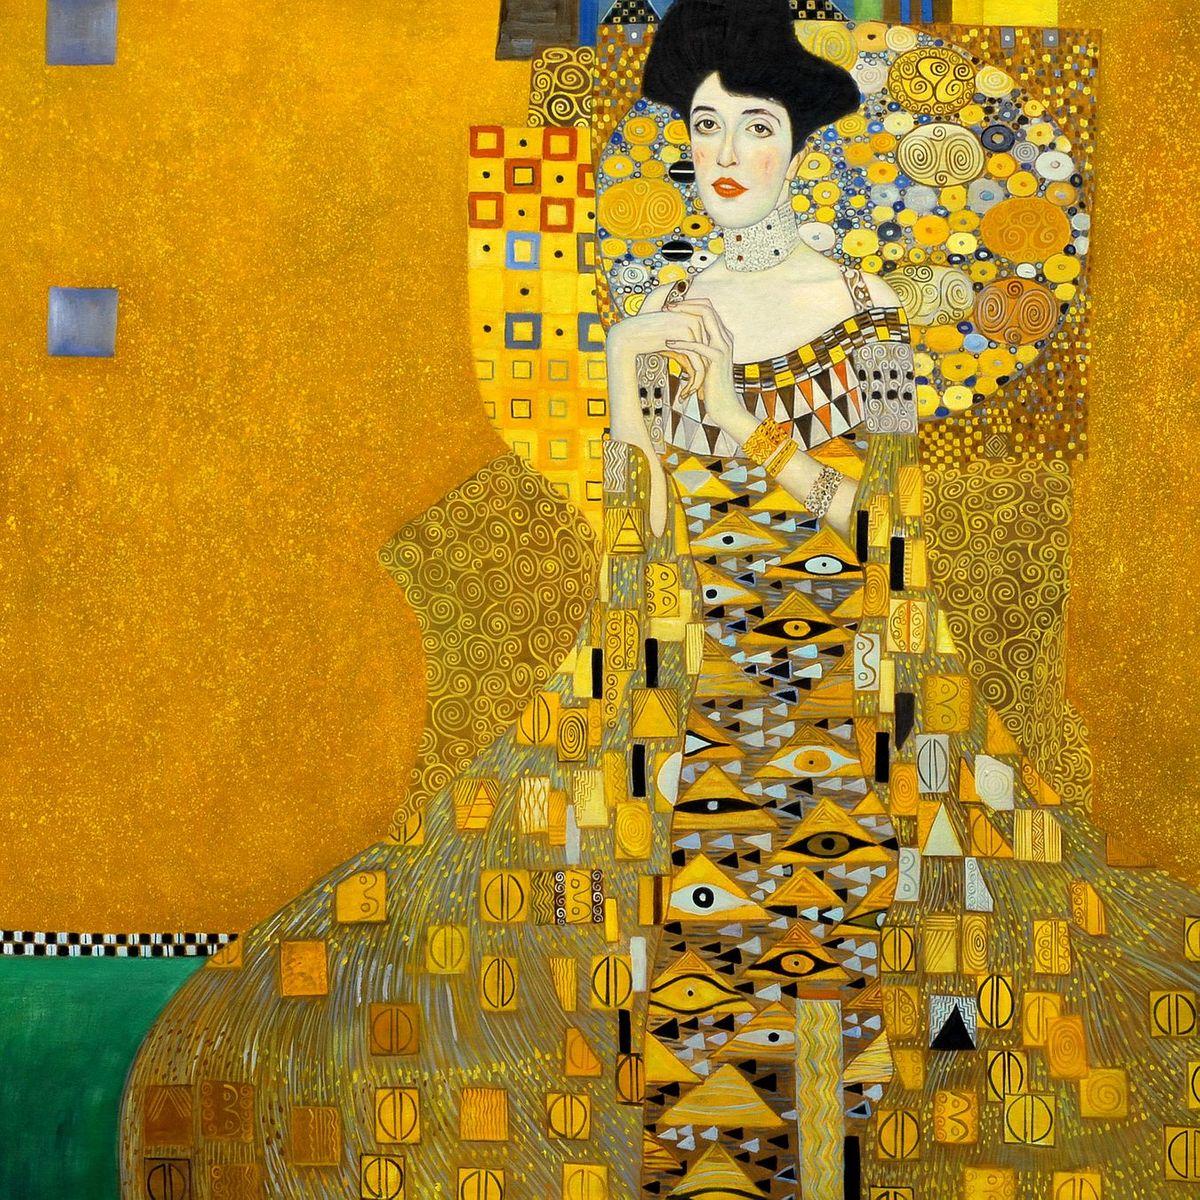 Gustav Klimt - Adele Bloch Bauer I m96956 120x120cm exzellentes Ölbild handgemalt Museumsqualität